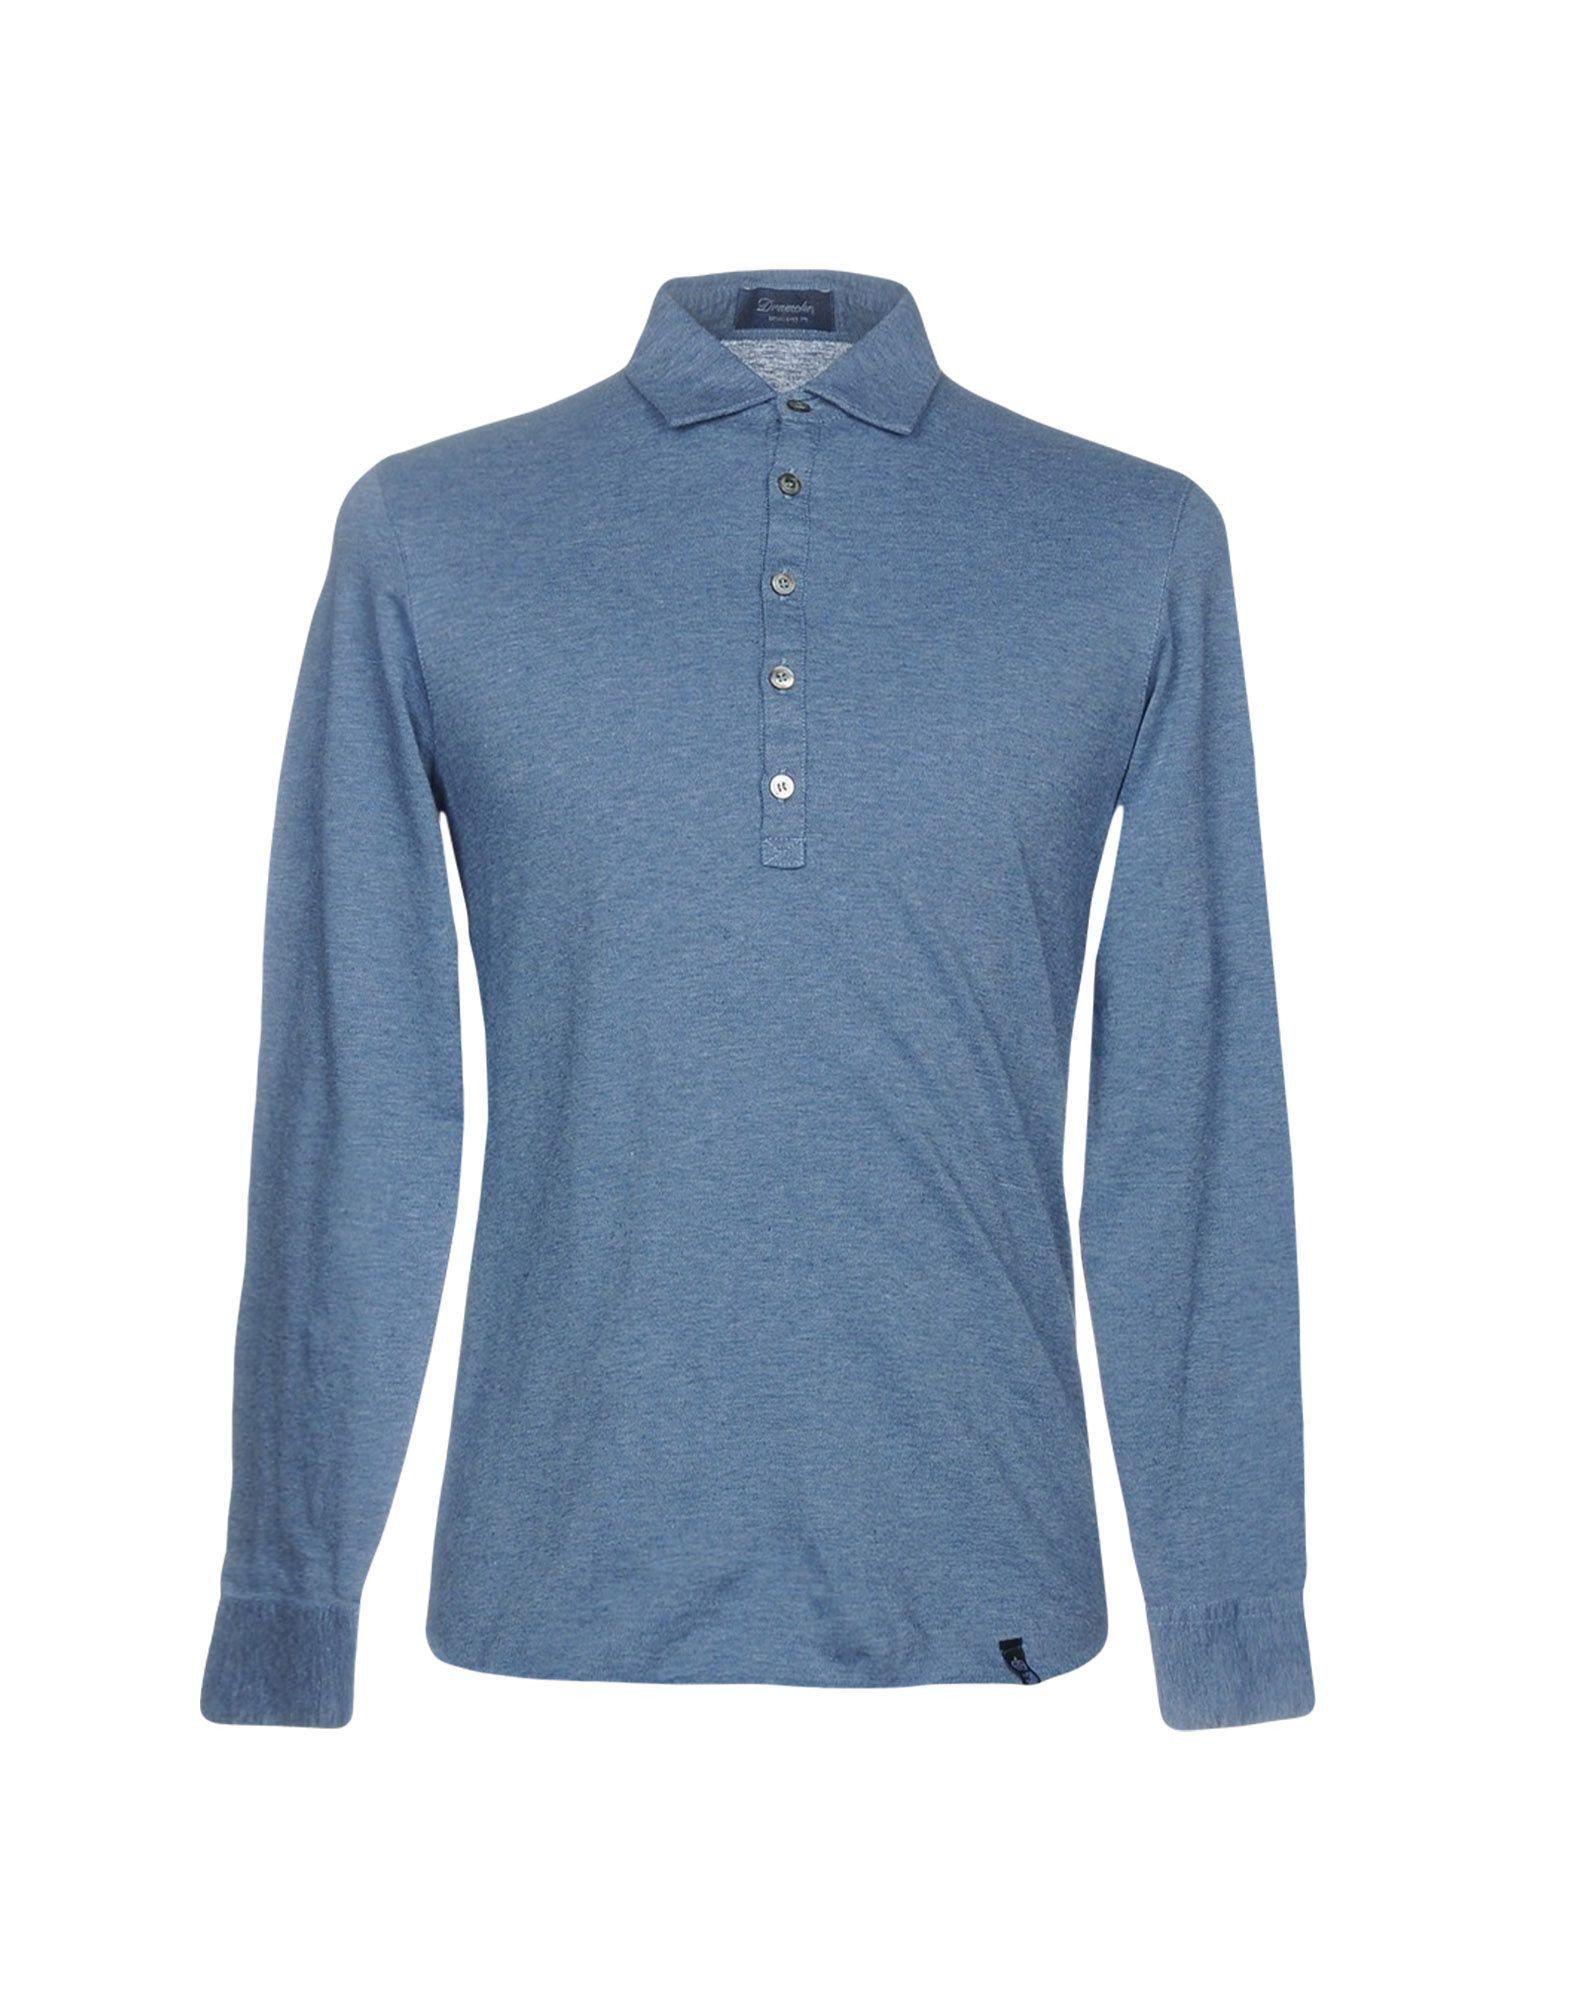 《送料無料》DRUMOHR メンズ ポロシャツ アイボリー S コットン 100%